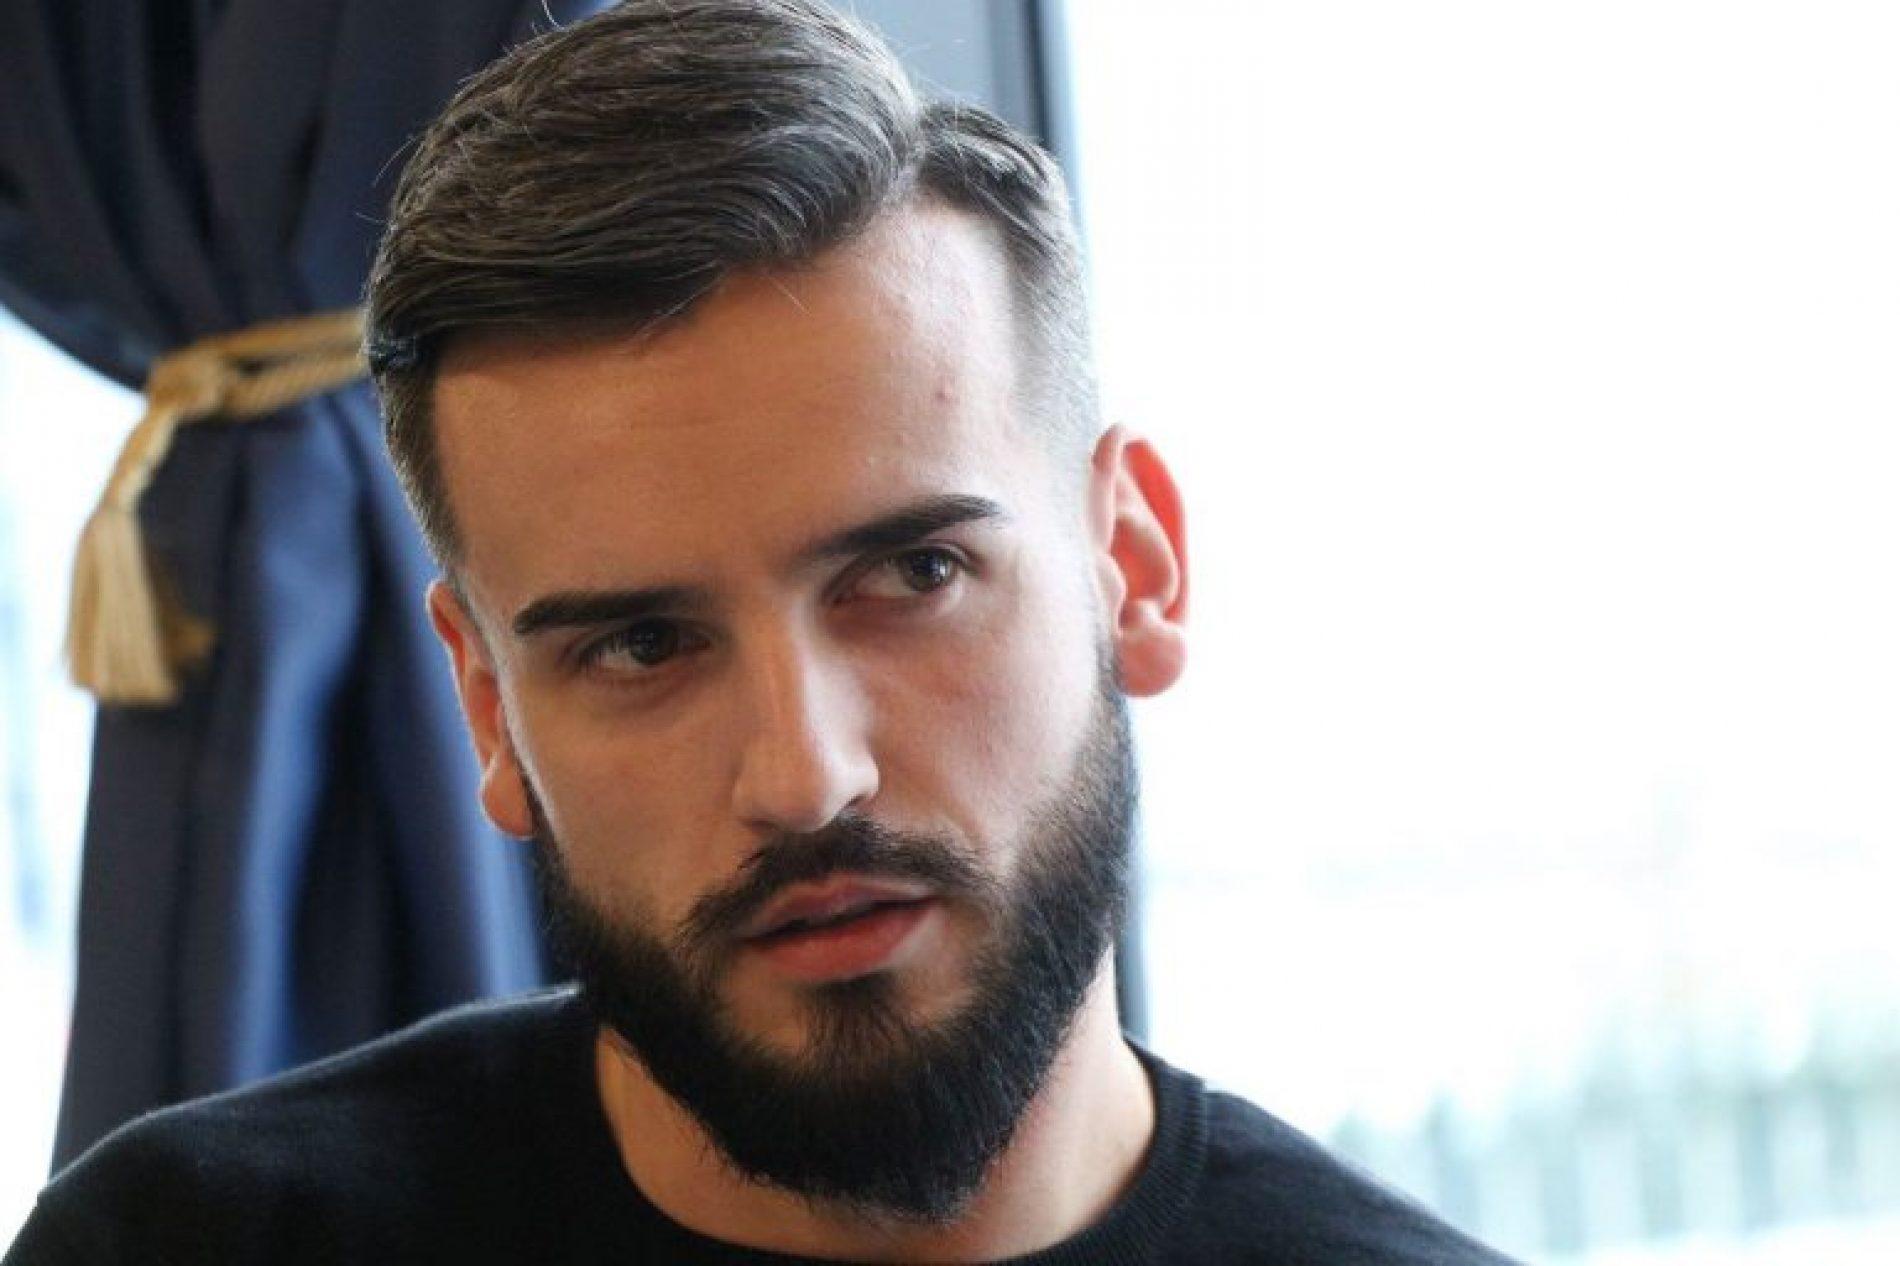 Mahir Mujić, maratonac i humanista: Čovjek koji prodaje kilometre, a onda prikupljenim novcem pomaže bolesnoj djeci